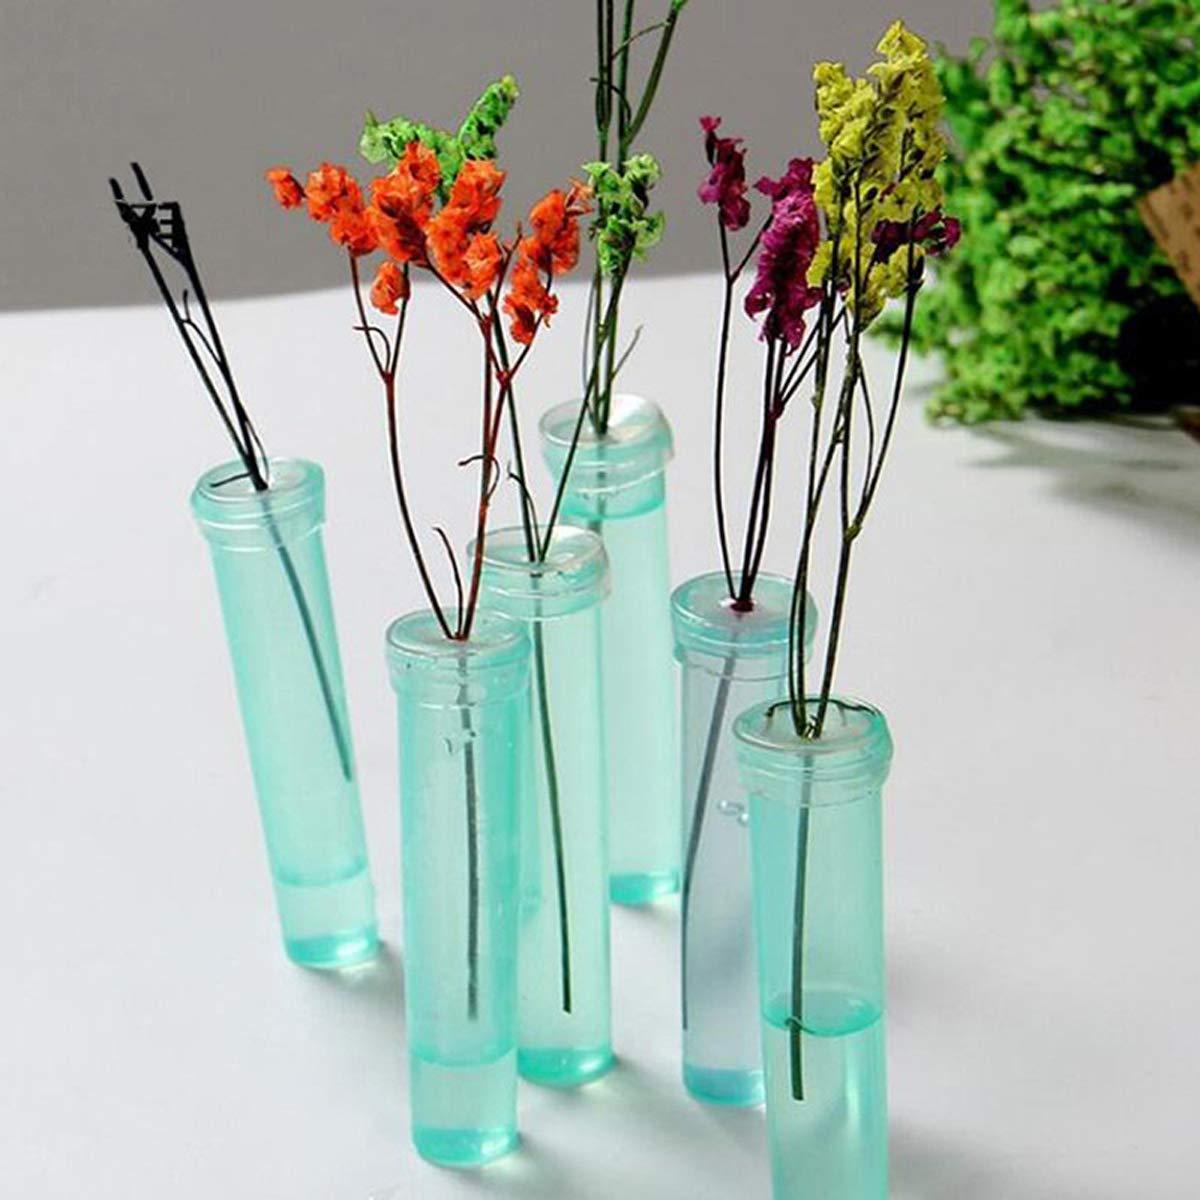 4 Pcs Transparent Flower Arrangements Bottle Flower Water Tubes